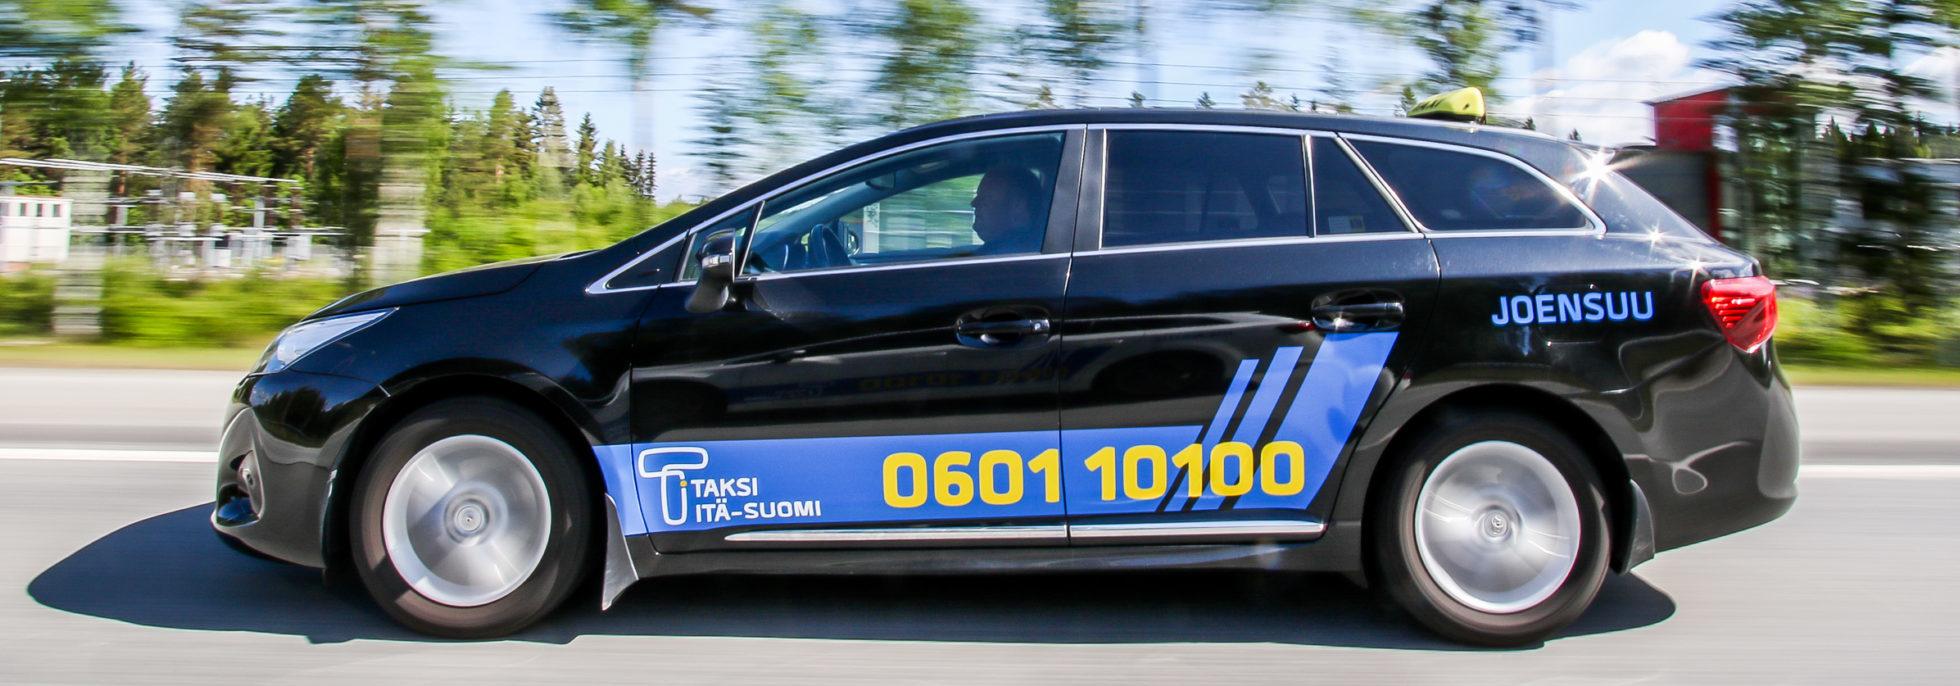 Räätälöityjä ratkaisuja yrityksellesi - Taksi Itä-Suomi BUSINESS | Taksi Itä-Suomi